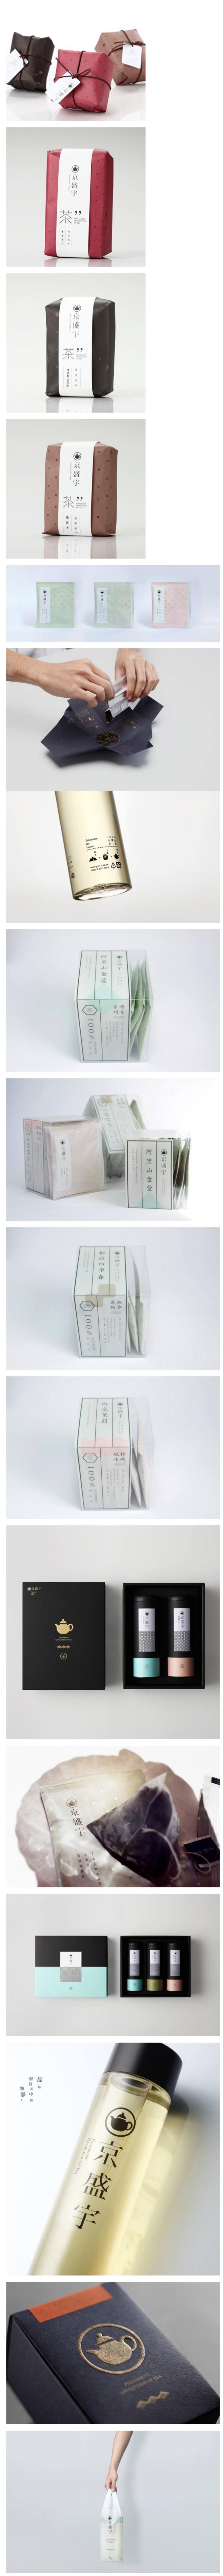 packaging / package design | Taiwan Tea Packaging 台湾茶品牌京盛宇